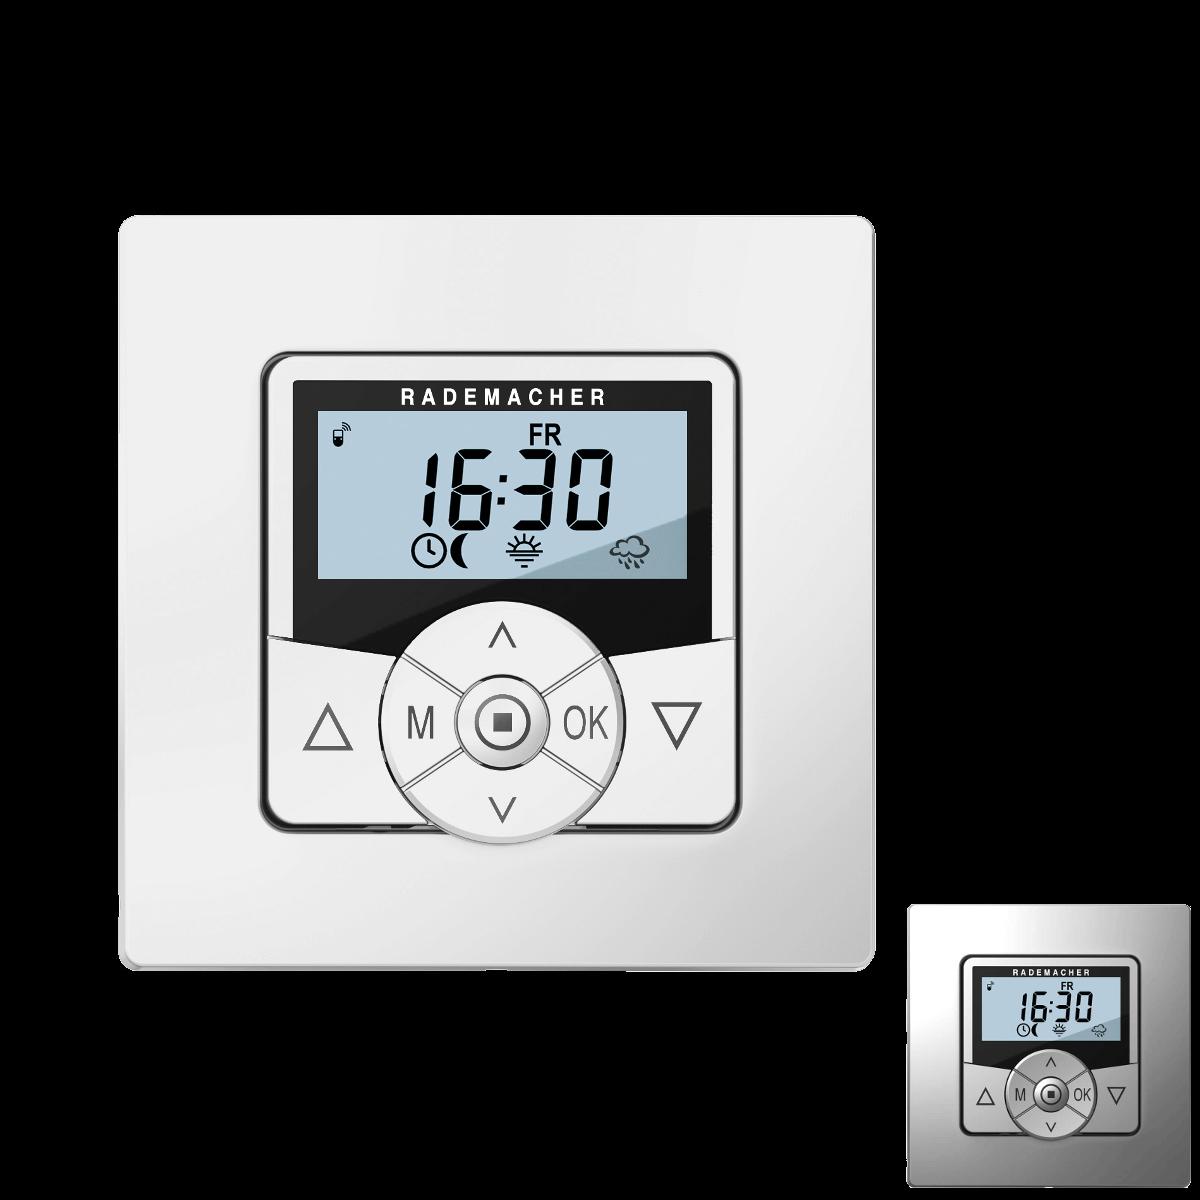 Rademacher Troll Comfort Steuerung Weiß oder Alu | beleuchtetes Display + DuoFern-Funk